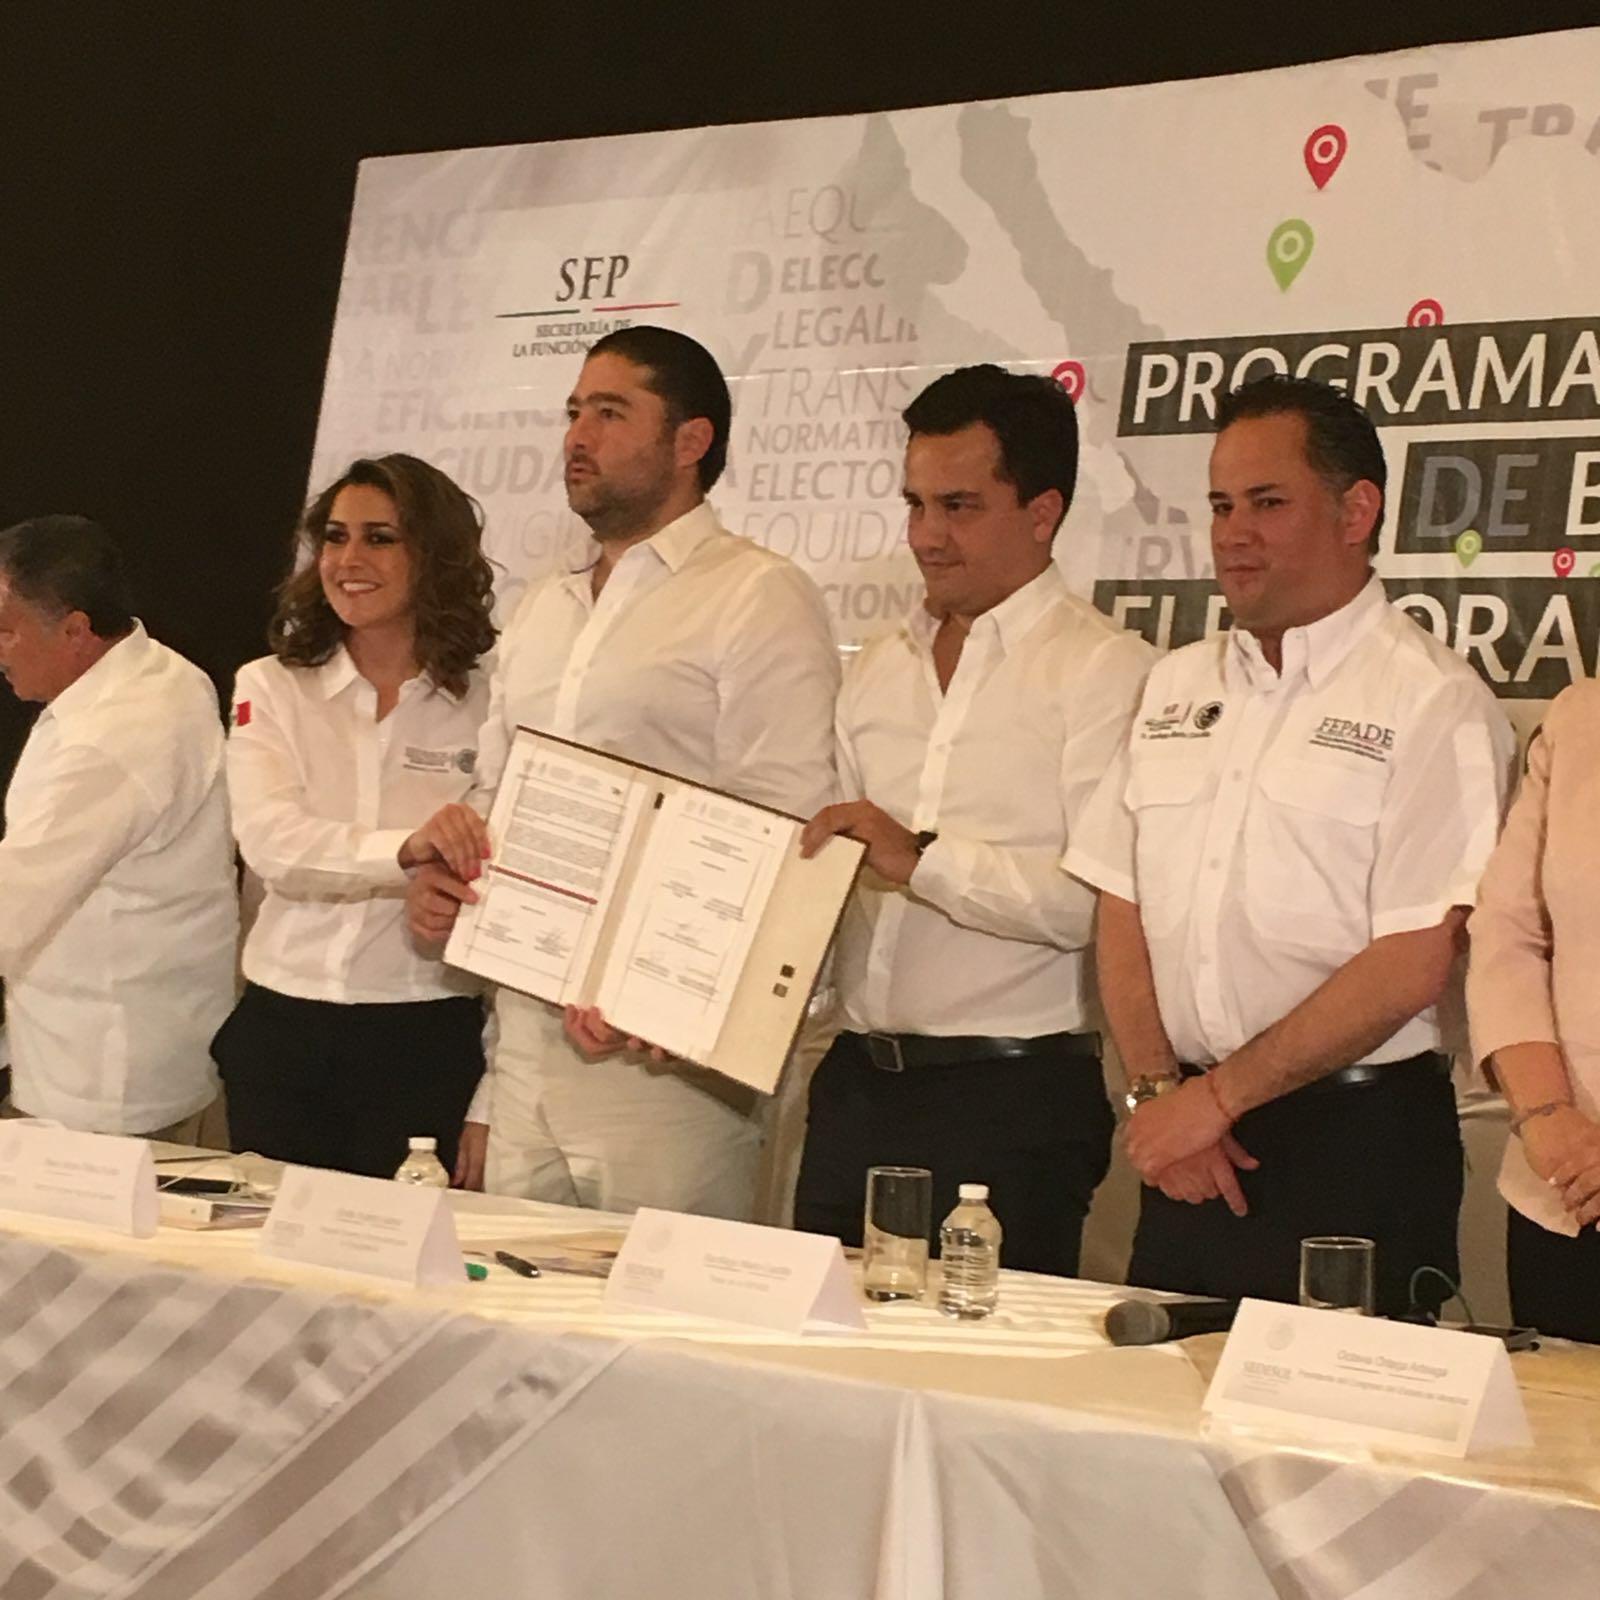 Se instaló el Comité Preventivo de Blindaje Electoral en el estado de Veracruz